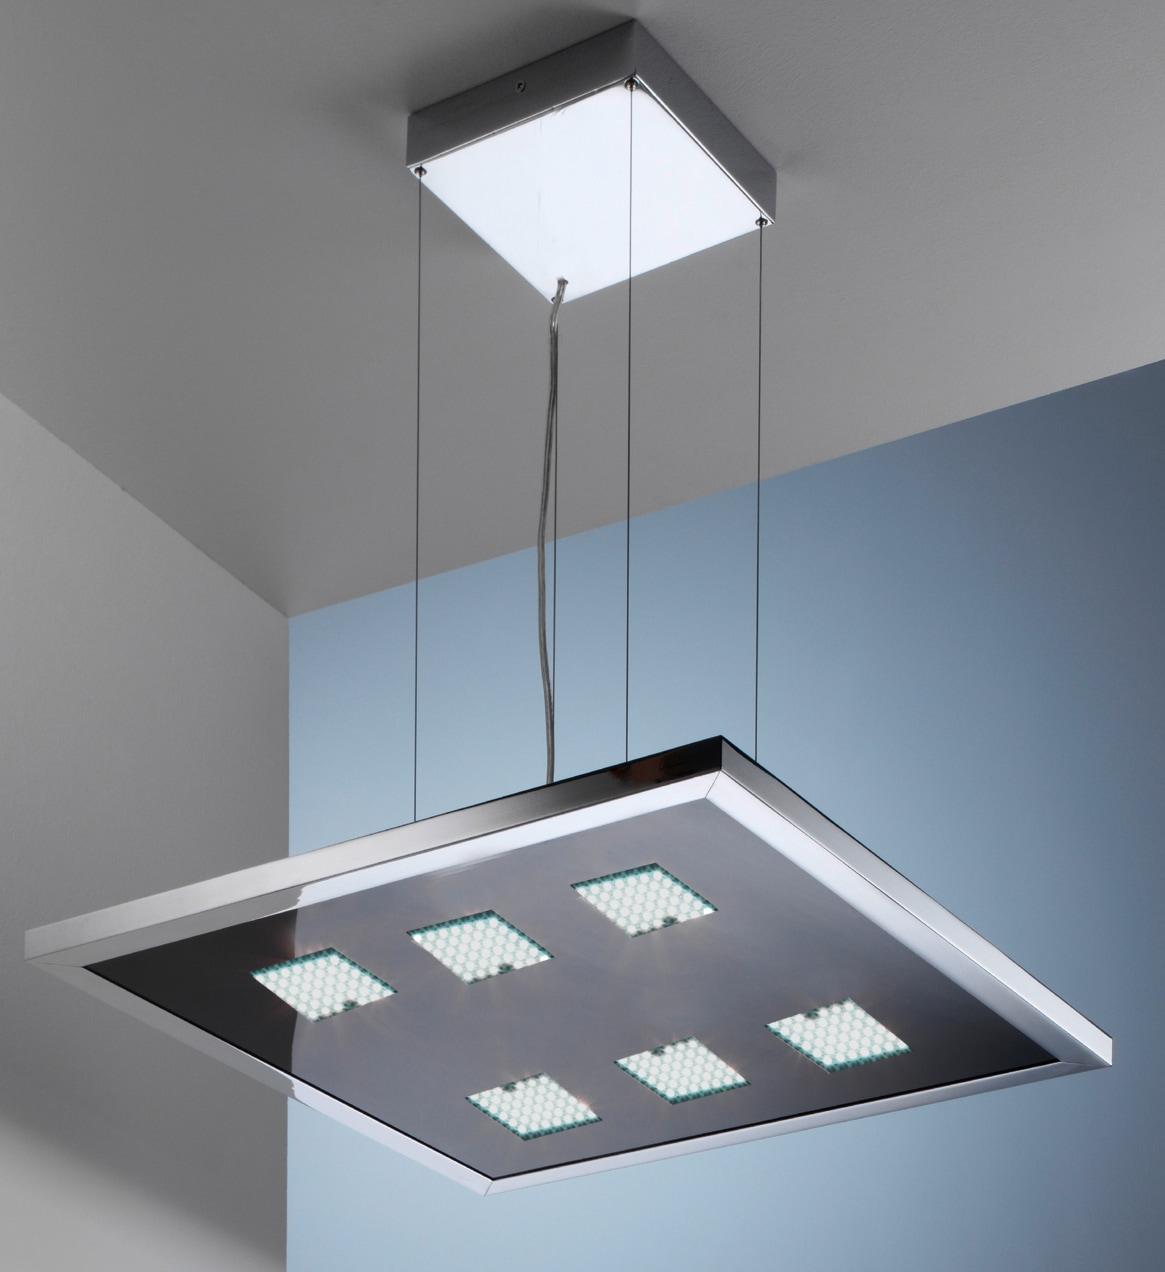 EVOTEC LED Pendelleuchte DESIGNLINE, LED-Board, Warmweiß-Neutralweiß-Tageslichtweiß, LED Hängelampe, LED Hängeleuchte, Farbwechsel